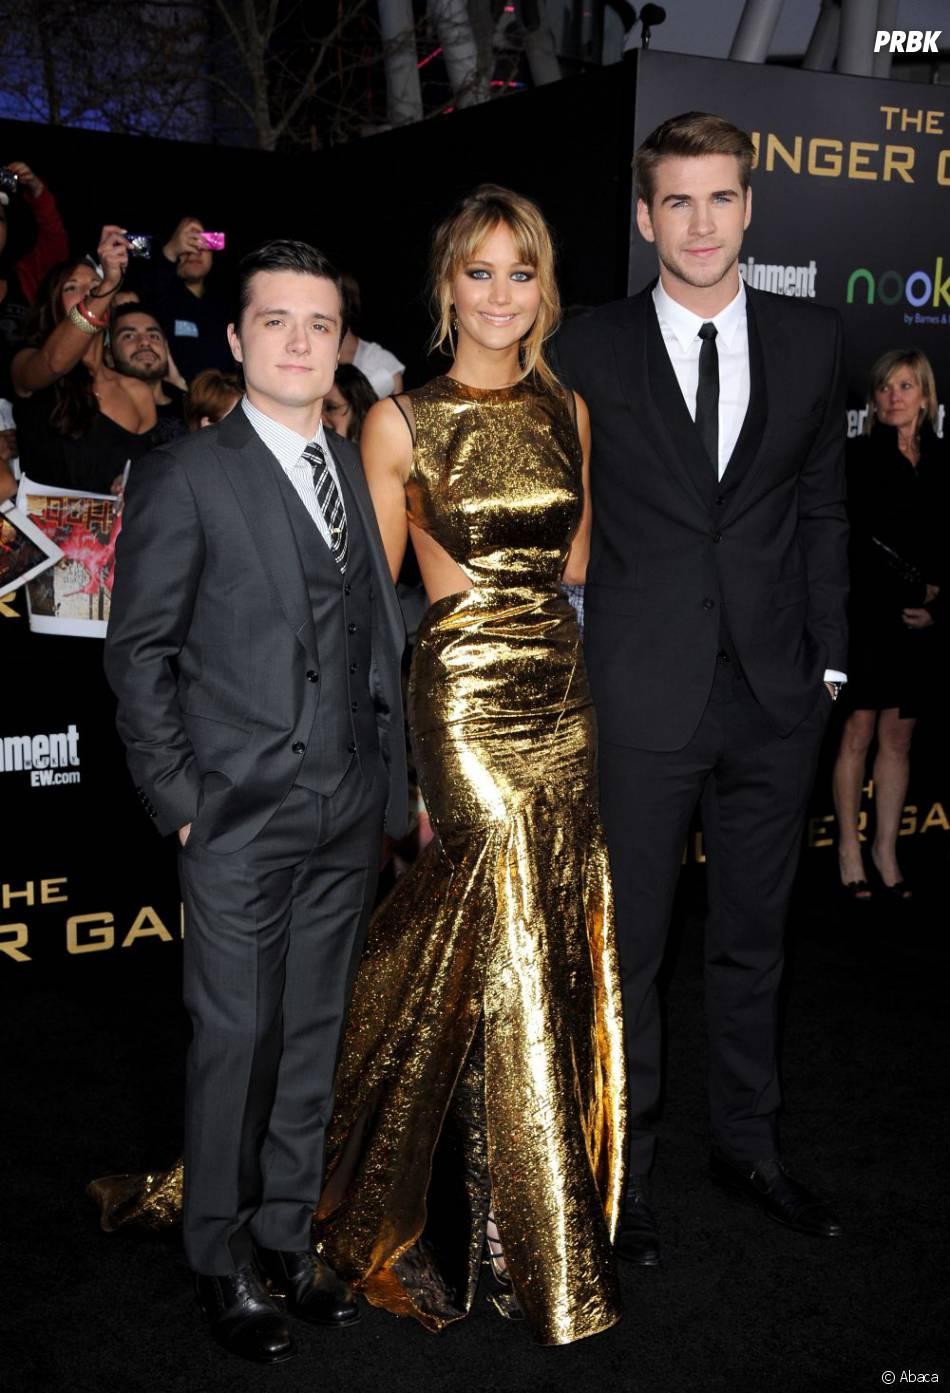 Le trio d'Hunger Games au top